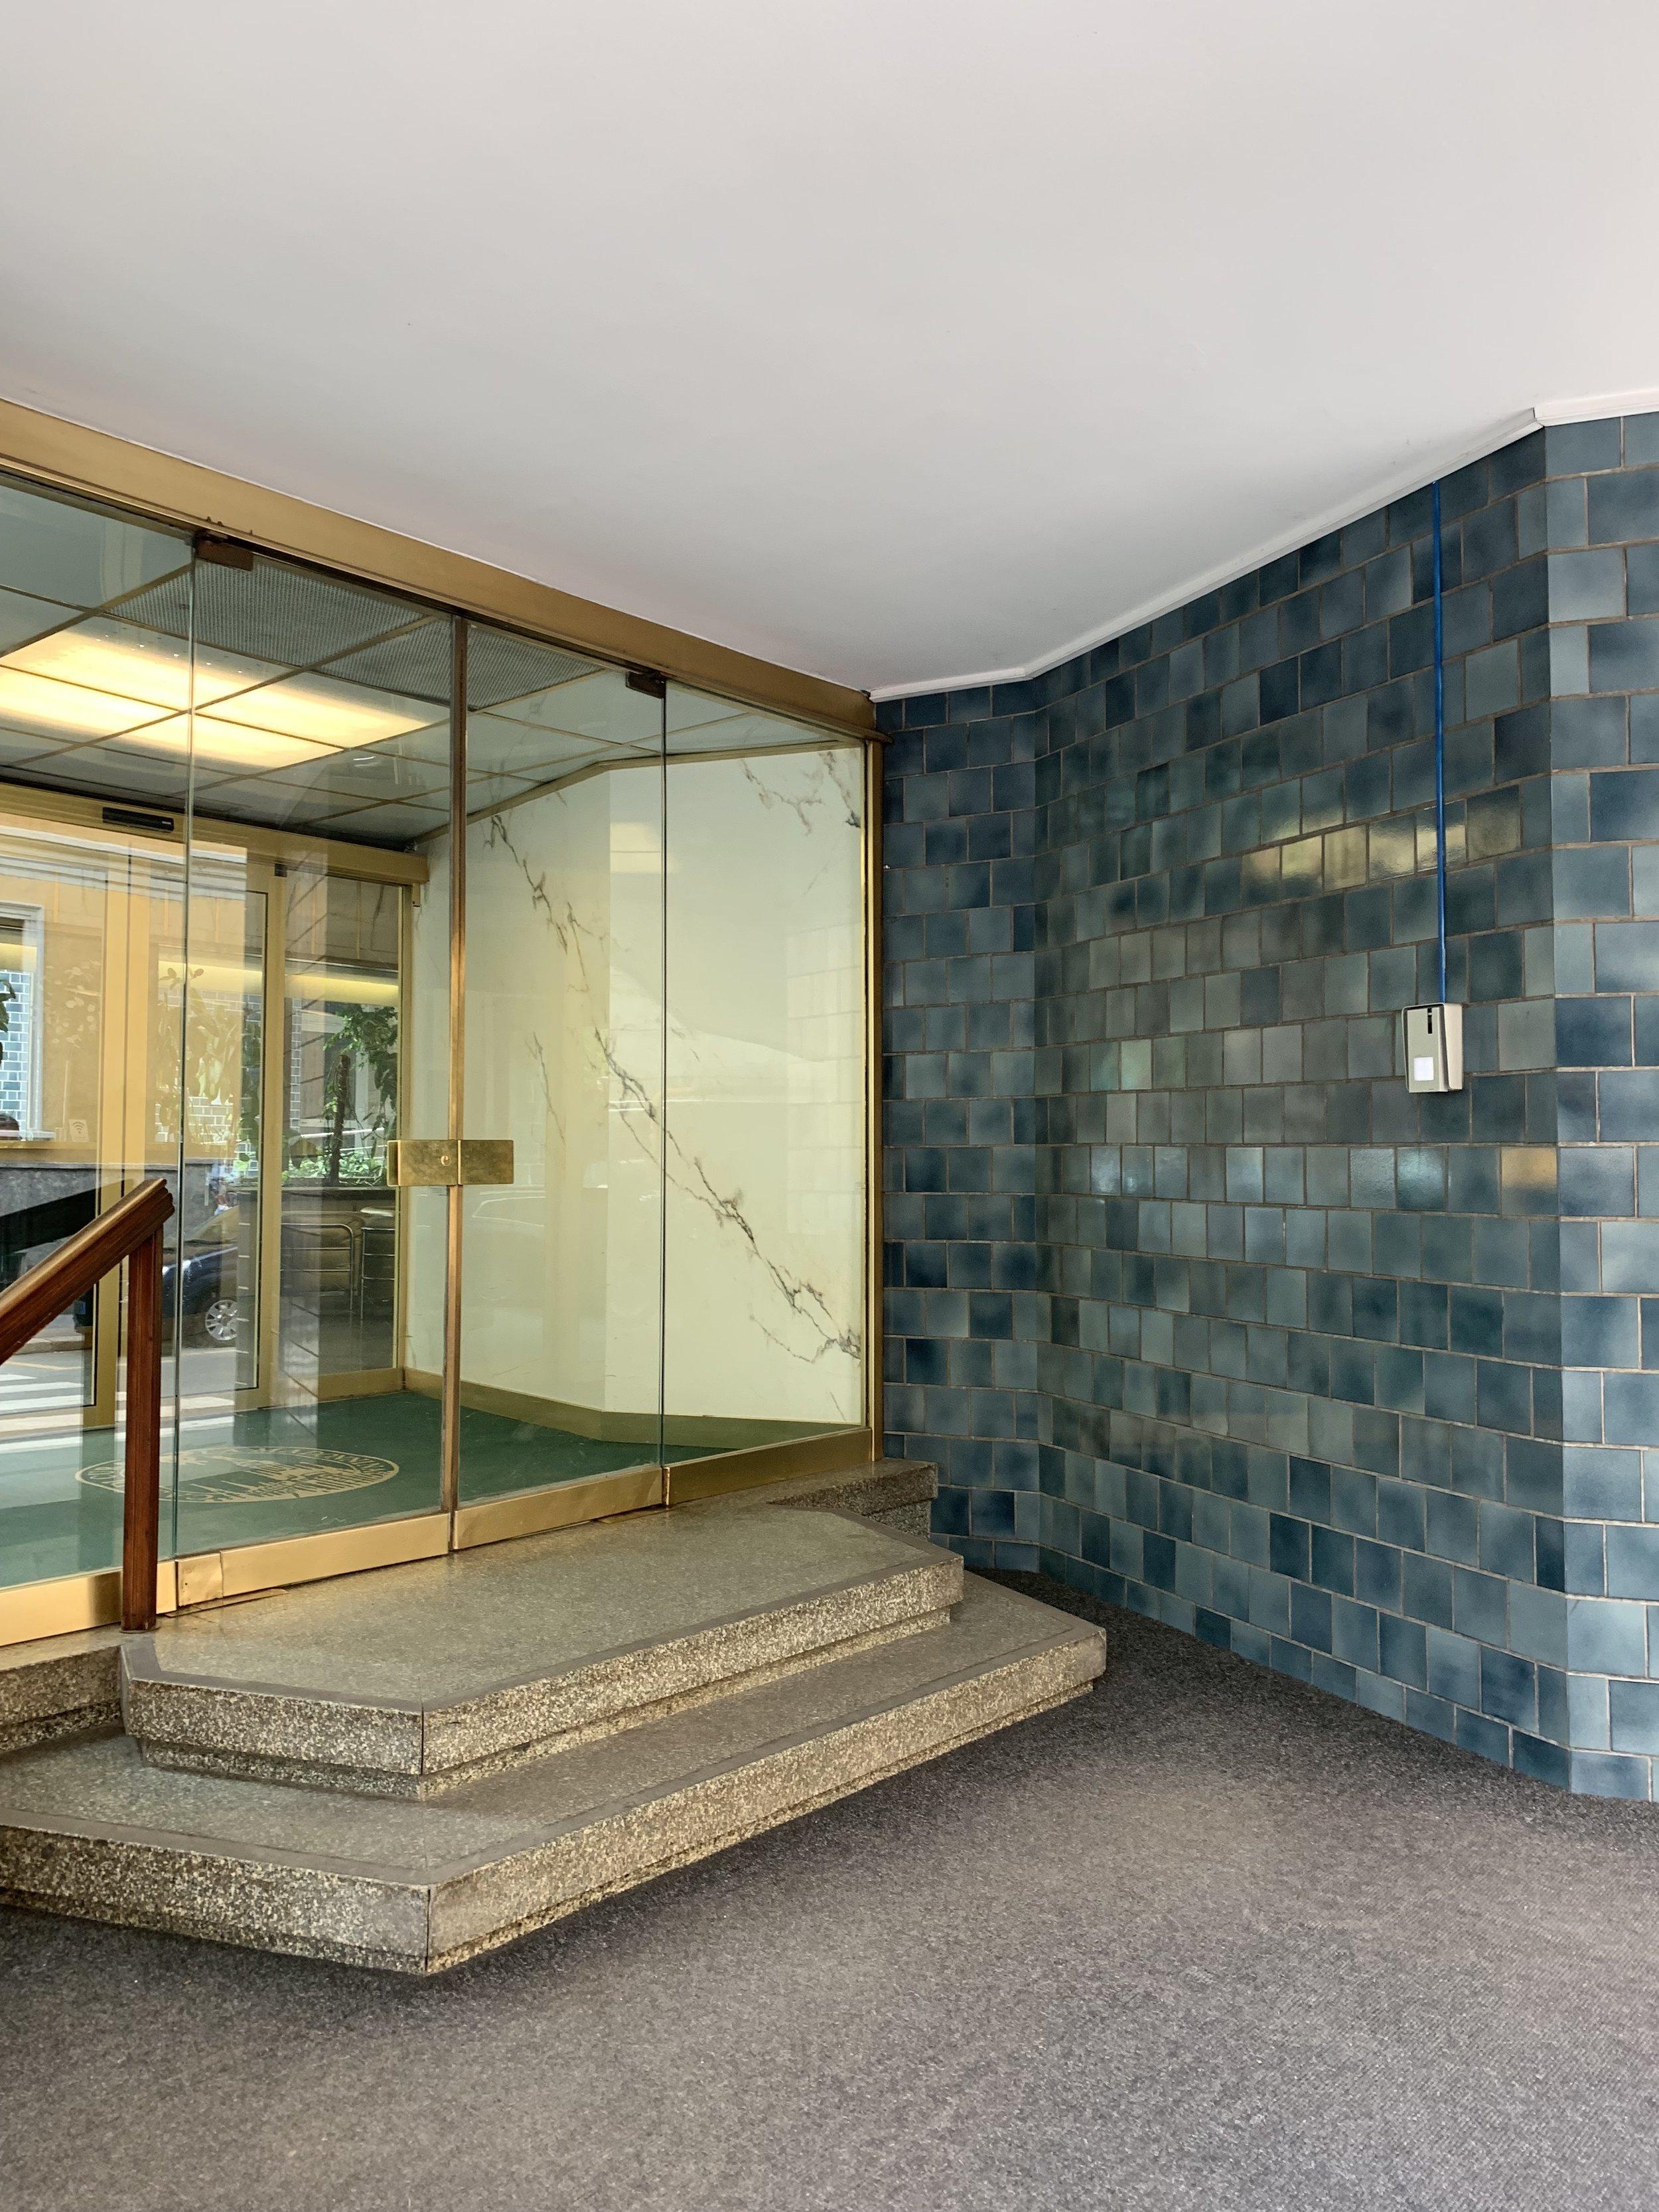 001 Salone del Mobile 2019 Lex de gooijer interiors rotterdam .JPG